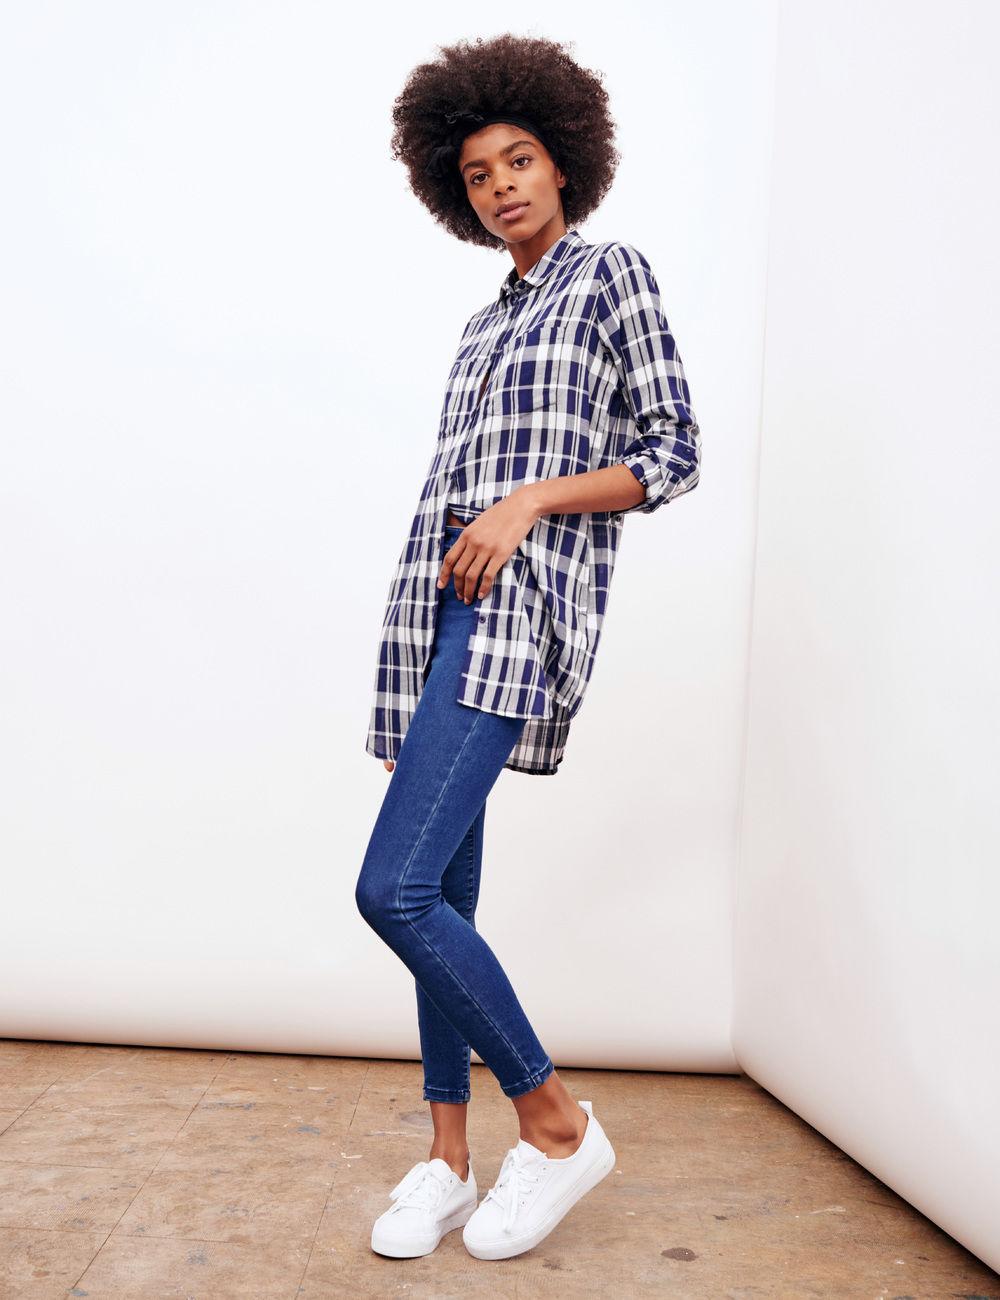 Je veux trouver une belle chemise femme et agréable à porter pas cher ICI  Chemise longue carreaux femme cf1ae73b7f3c